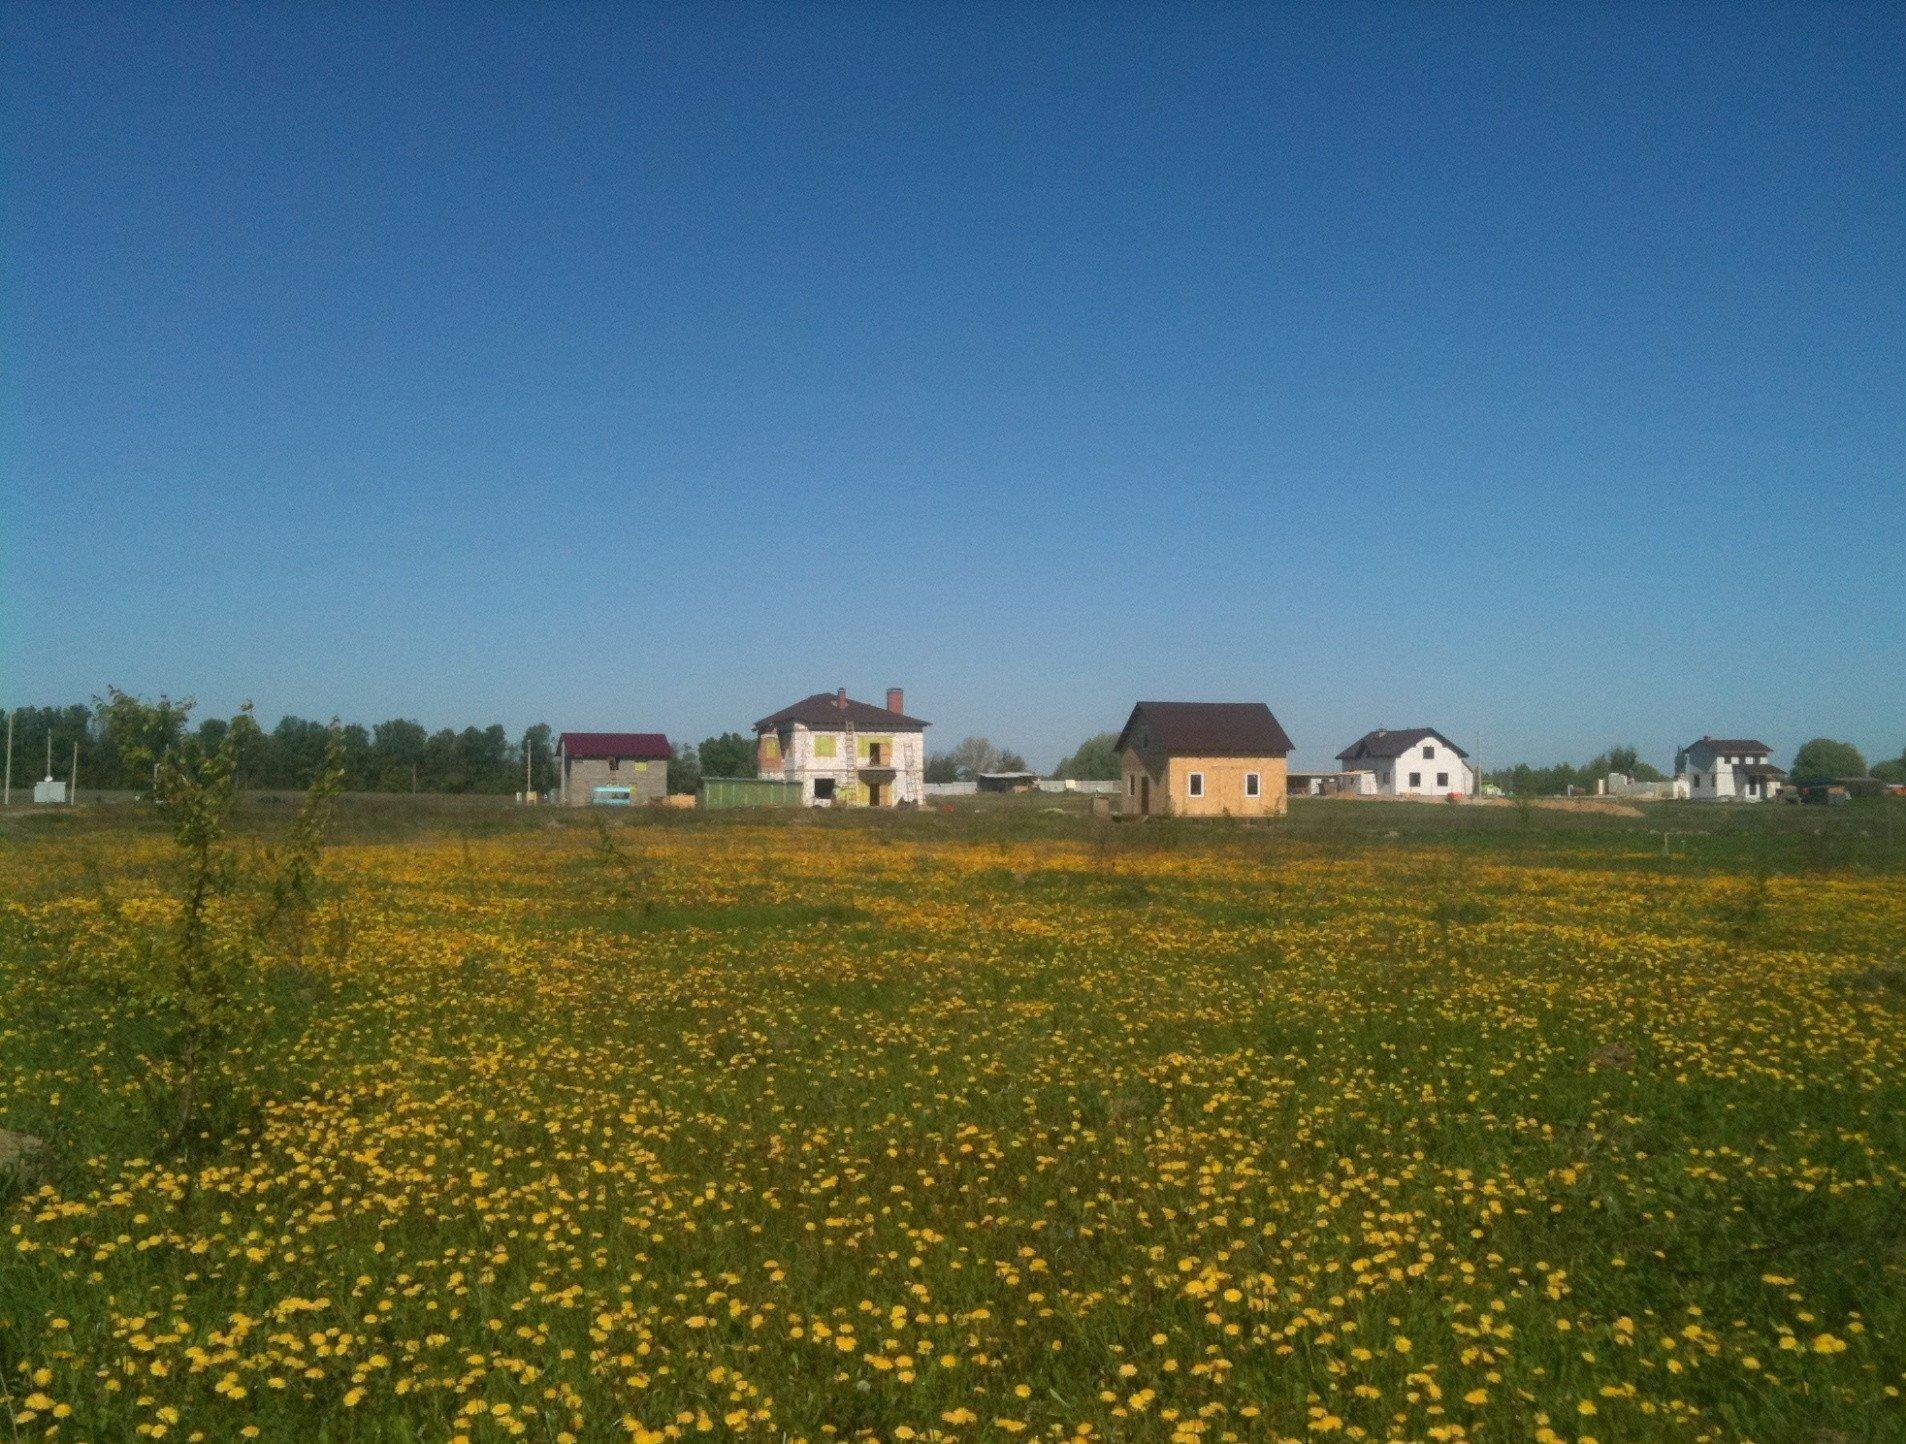 Фото: Продам земельный участок в городе Белогородка. Объявление № 4971